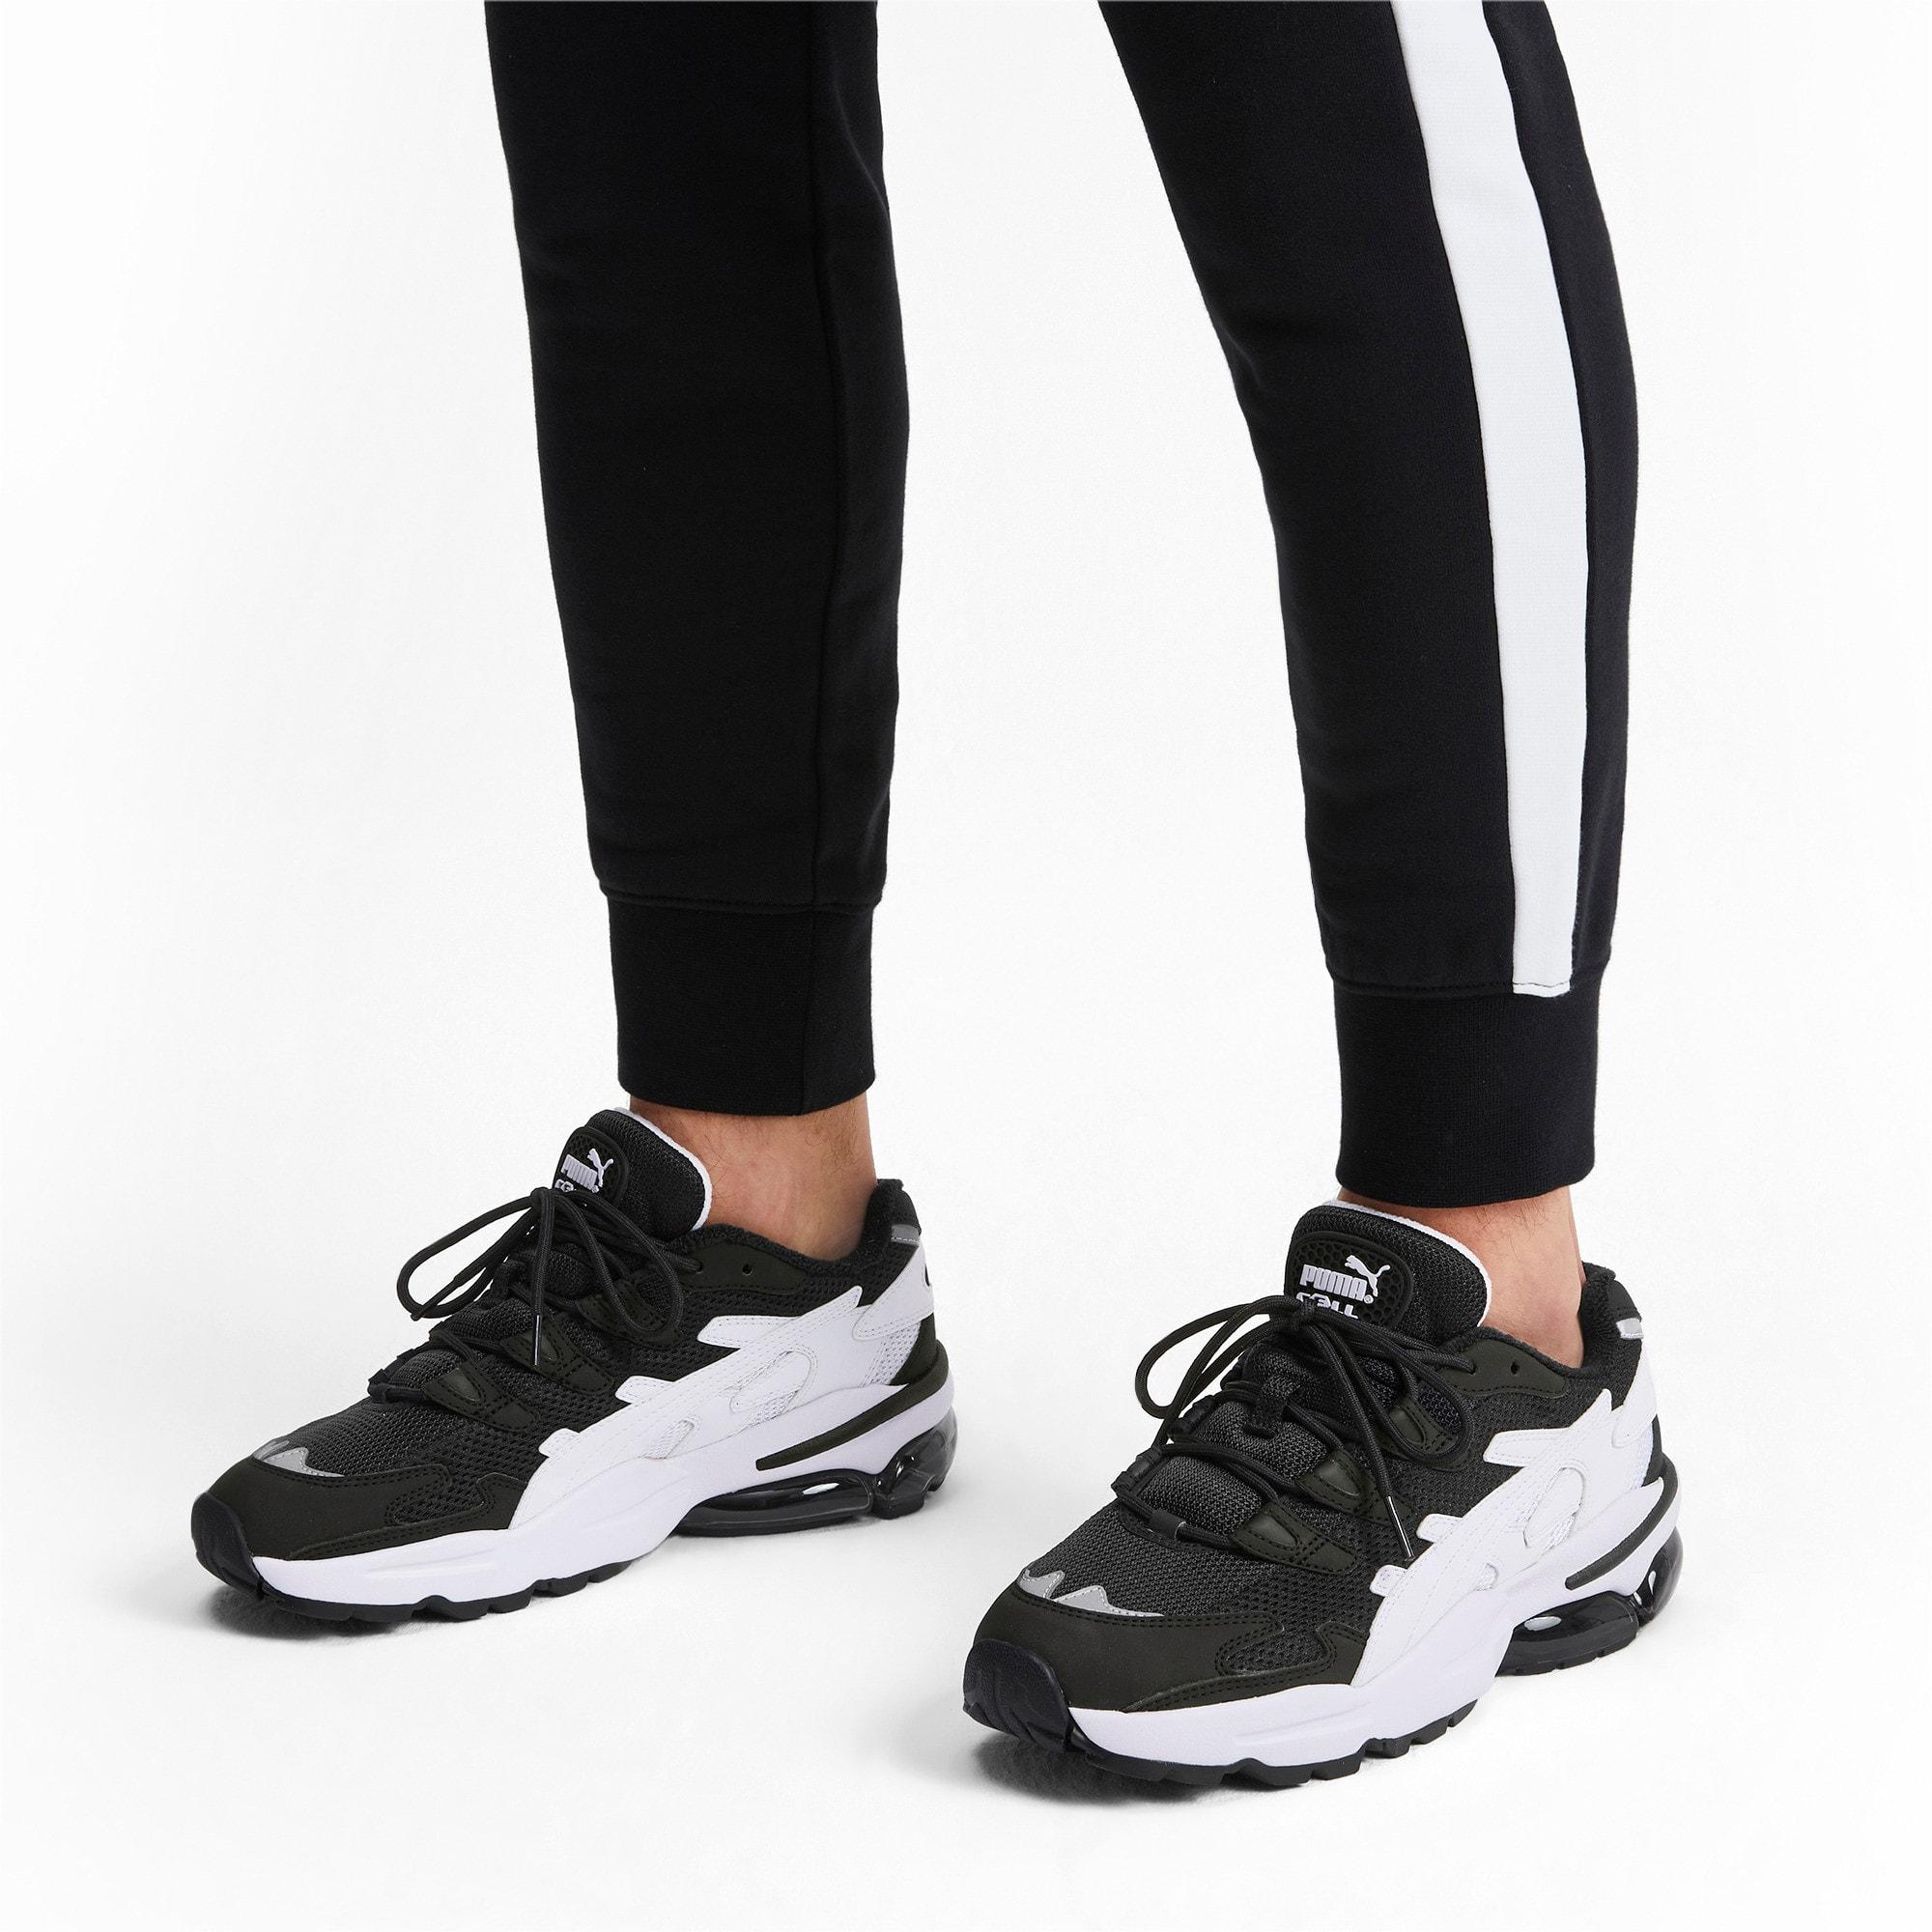 Thumbnail 2 of CELL Alien OG Sneakers, Puma Black-Puma White, medium